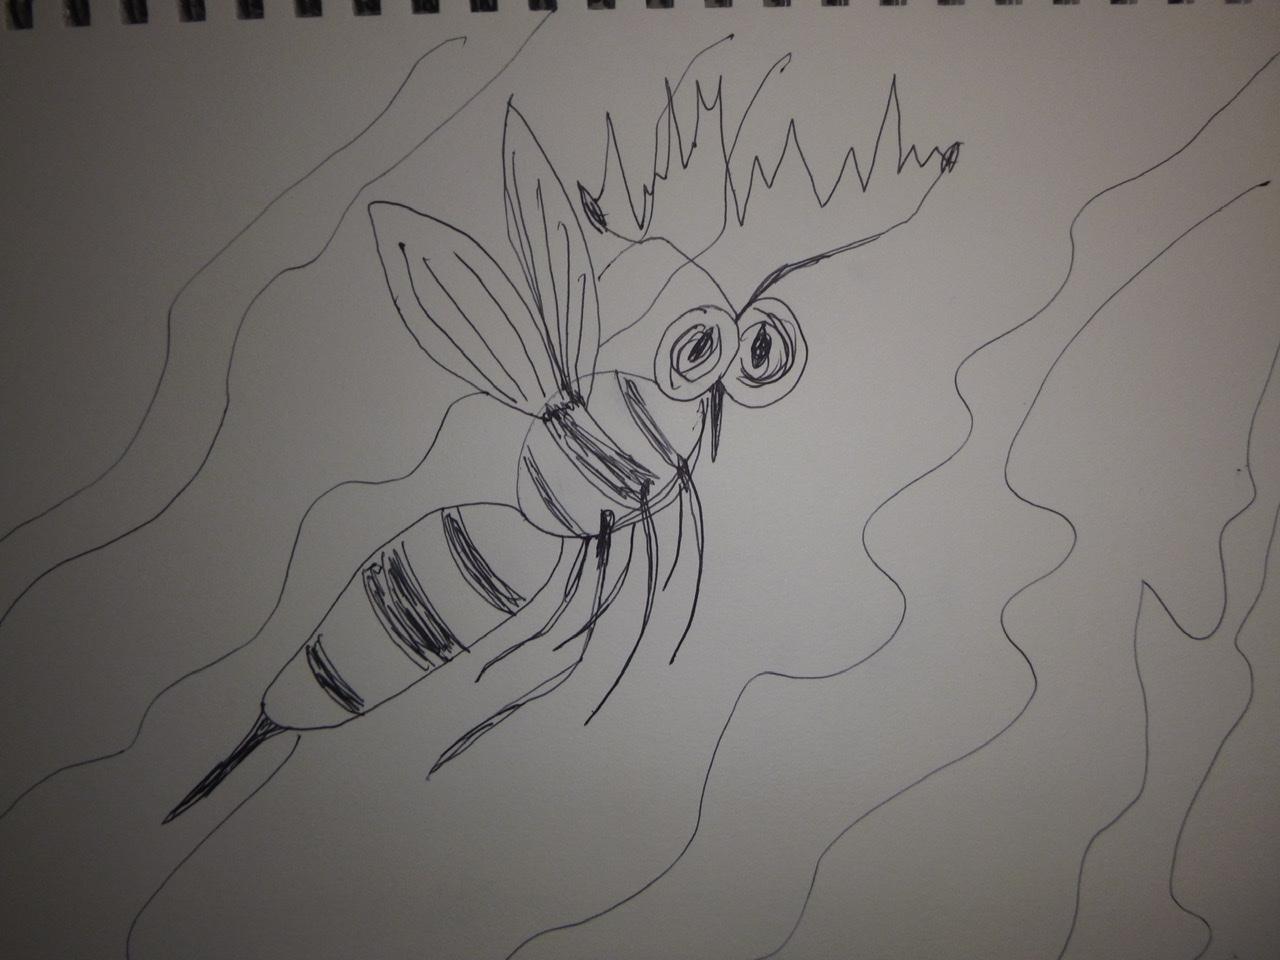 """<span style=""""color: #ff0000;""""><a style=""""color: #ff0000;"""" href=""""mailto:johorse.danielssen@gmail.com?subject=Défi 15 dessins 15 semaines -  Pesticide"""">Contacter l'artiste</a></span> Daniel Joyal -  Pesticide - 75$ (transaction directement avec l'artiste) - stylo bille sur papier Canson - 9 x 12 po"""